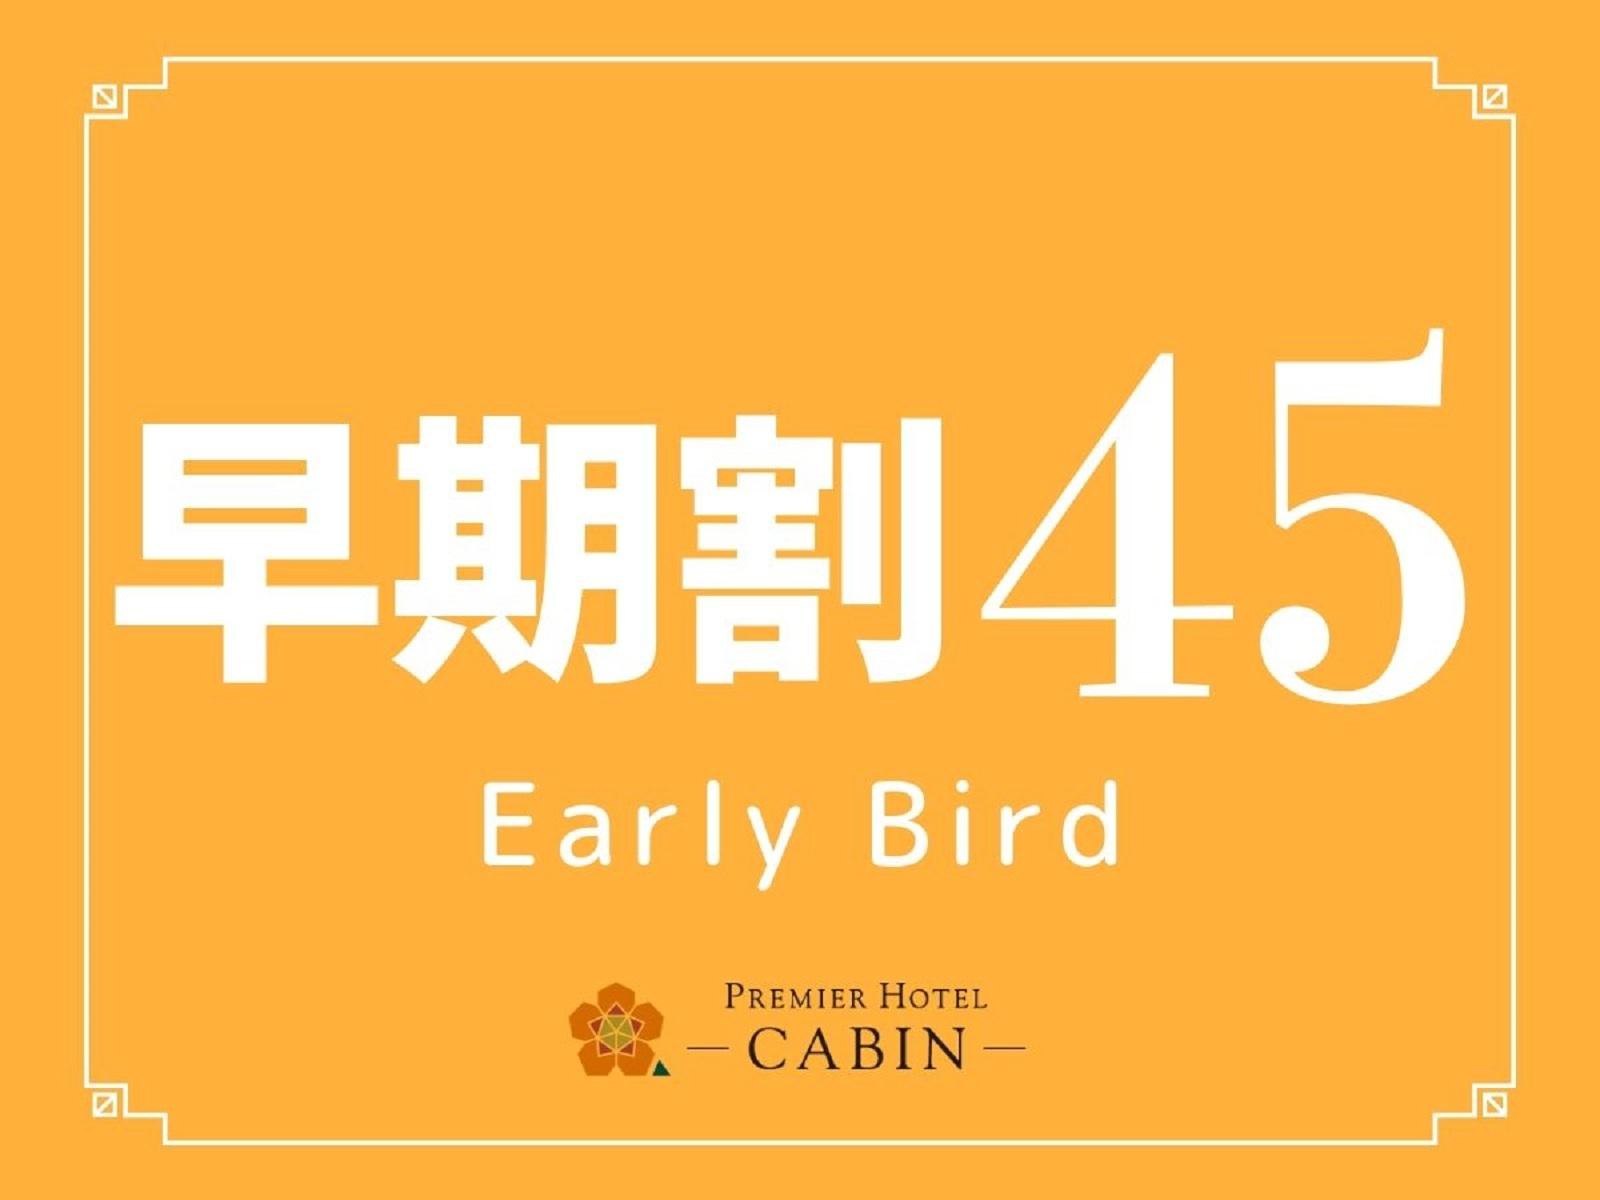 プレミアホテル-CABIN-新宿 【早割45】●12:00アウトの特典付き●45日前までの予約でお得にご宿泊(朝食付き)